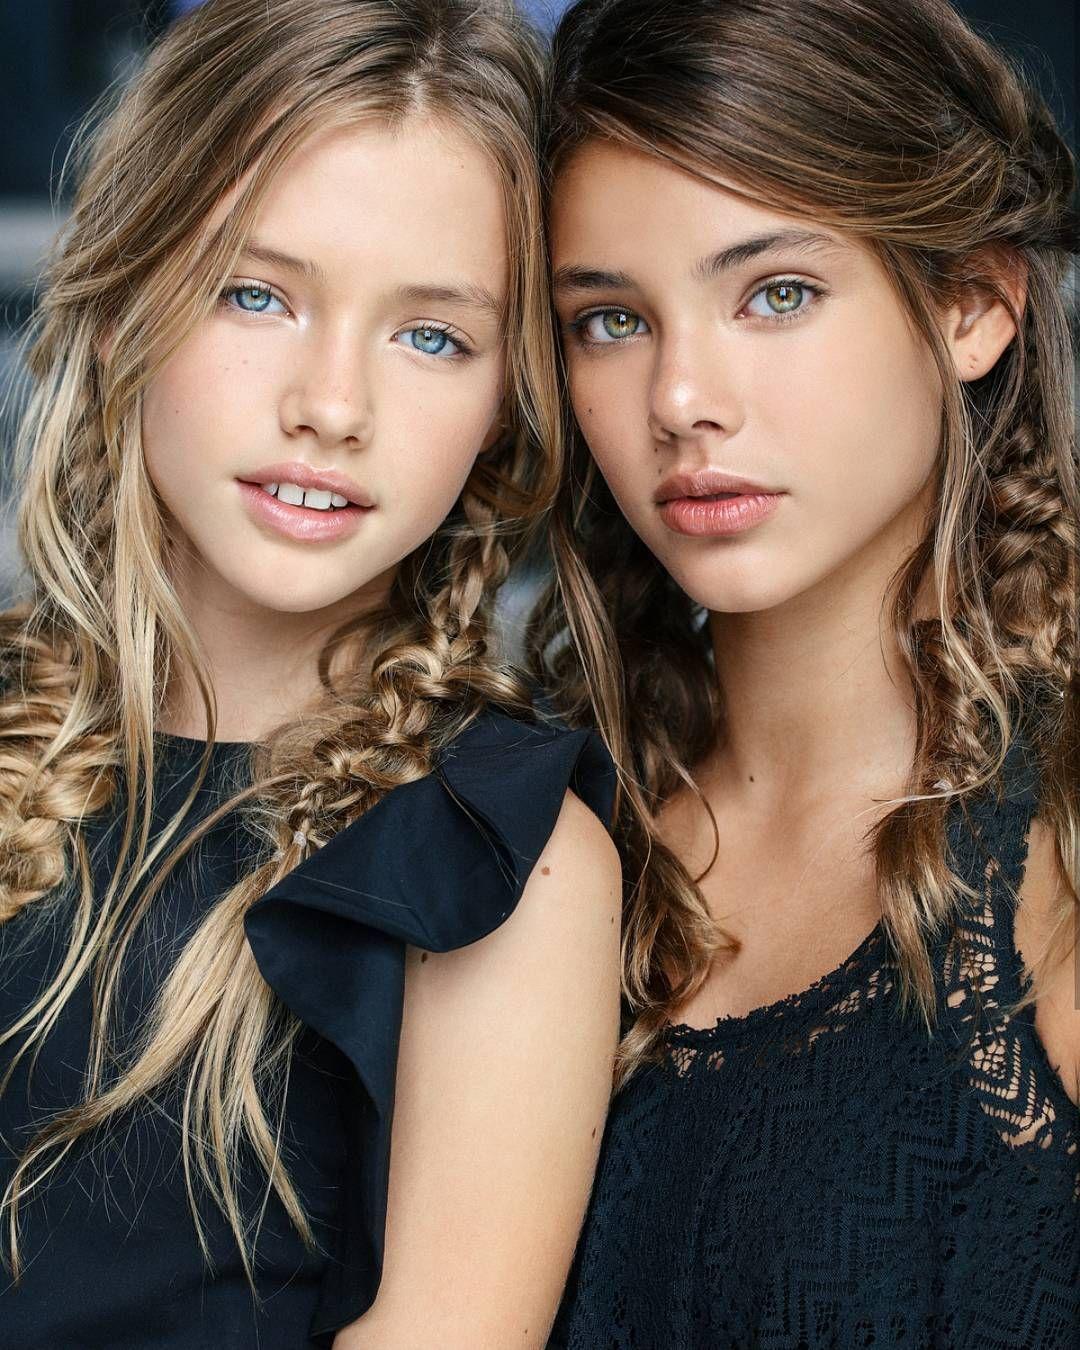 girls-reteen-models